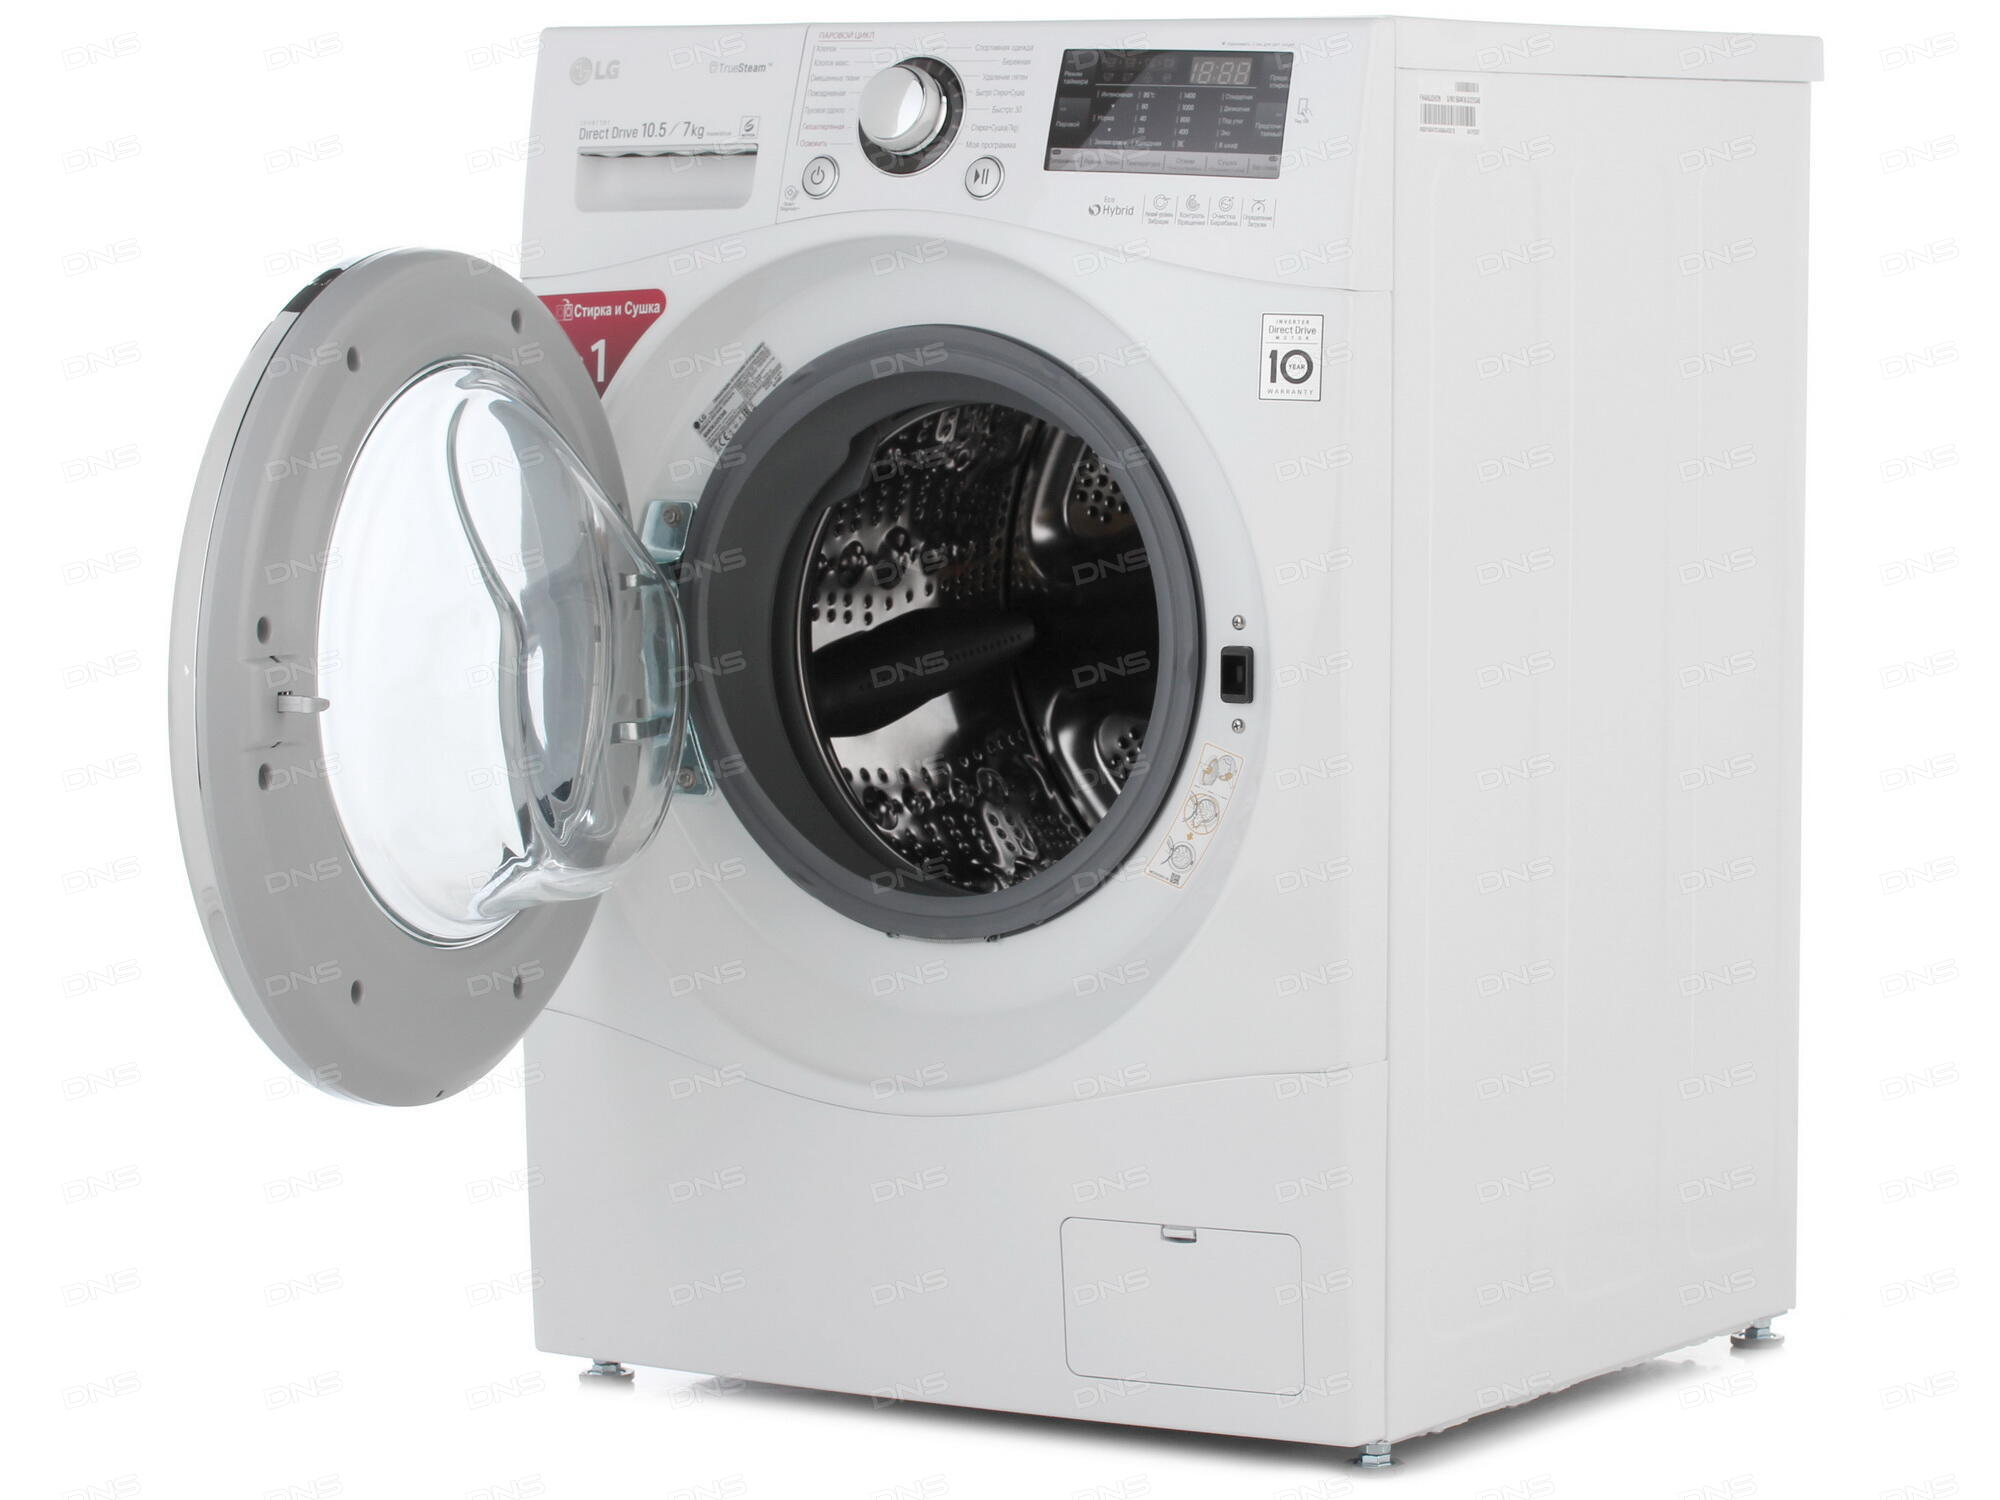 Сервисный центр стиральных машин АЕГ Планерная мастерская стиральных машин Солнечная улица (деревня Софьино)